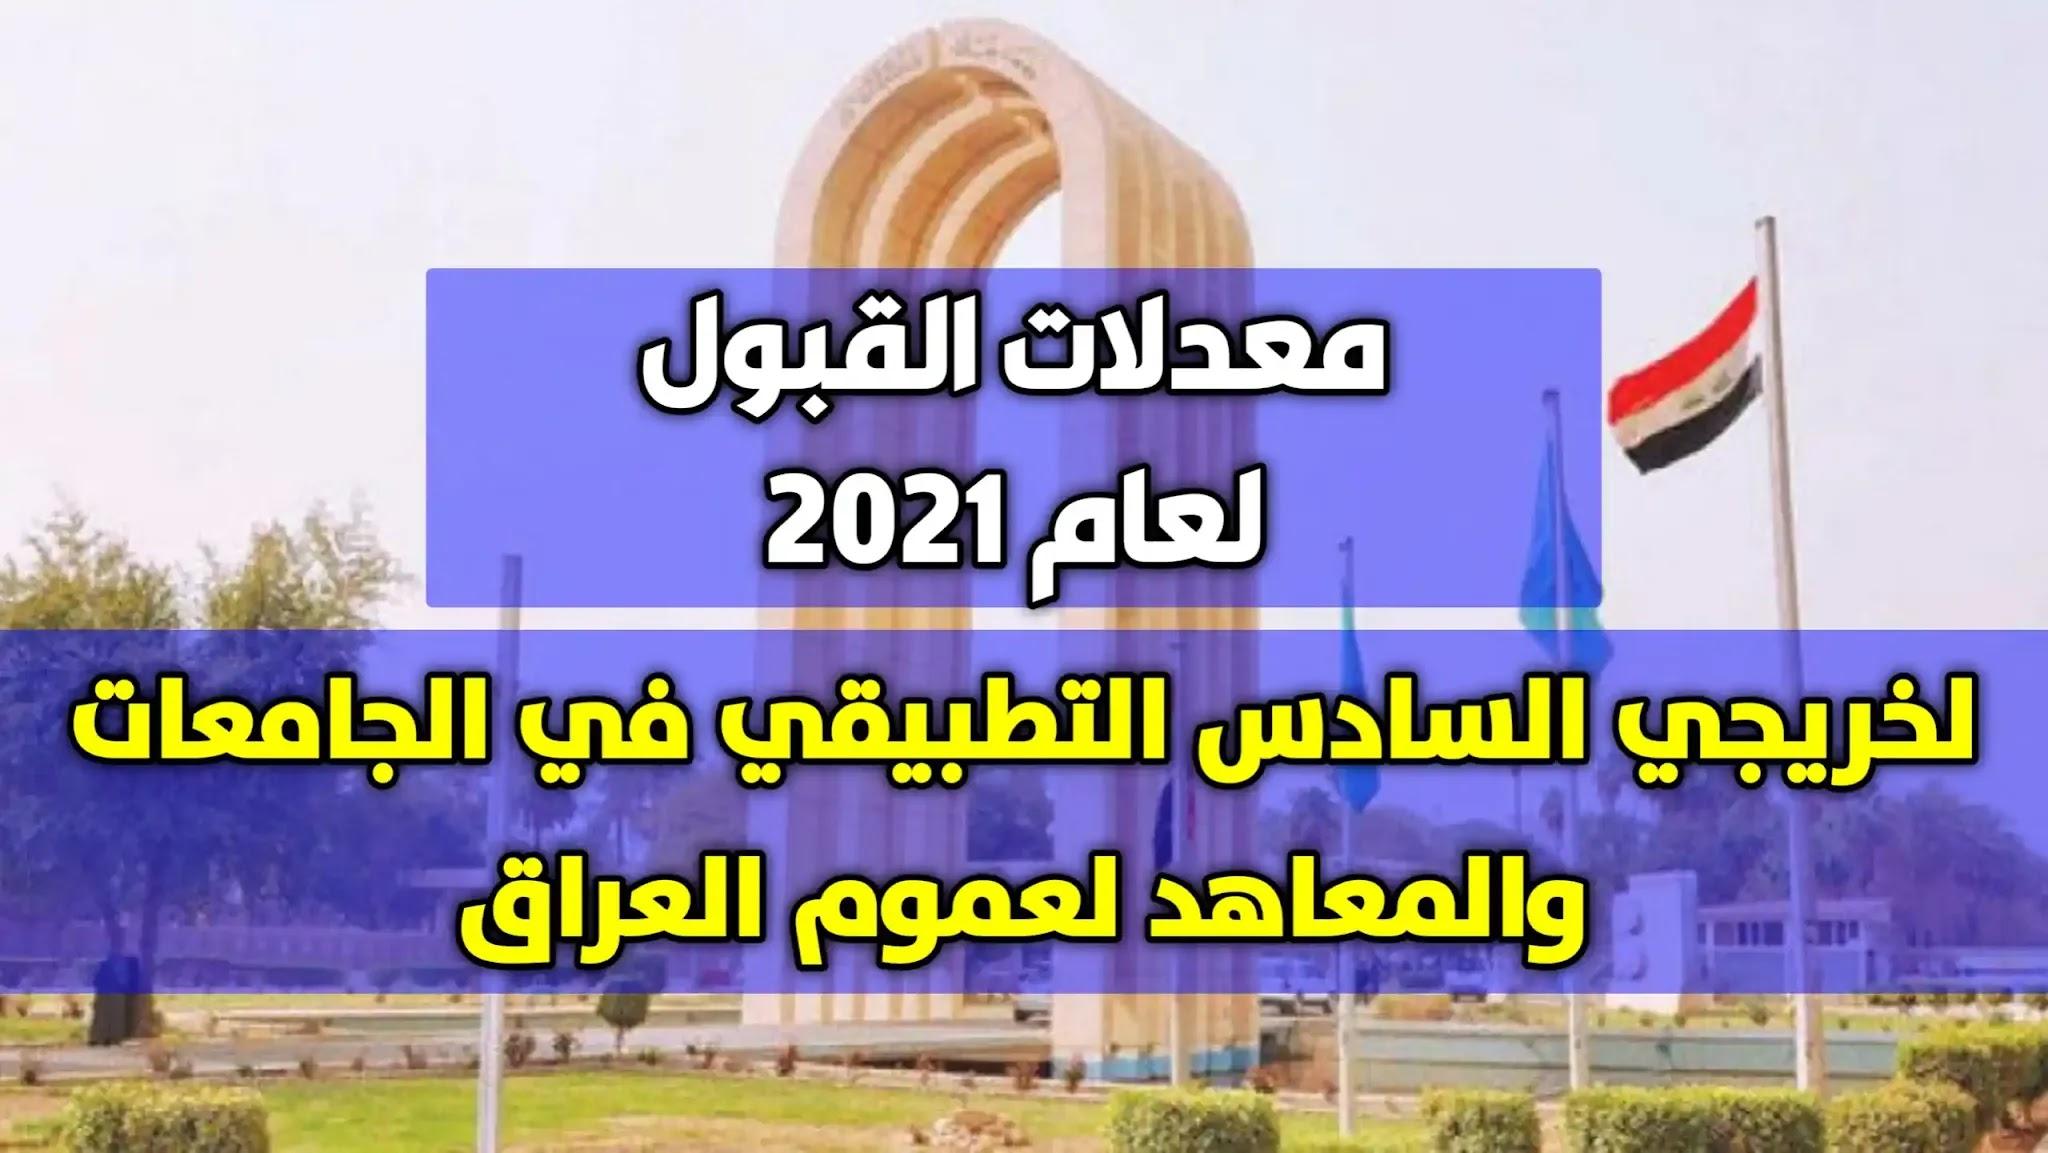 تعرف على المعدلات المطلوبه للقبول في الجامعات والمعاهد العراقية للفرع التطبيقي لخريجي السادس الاعدادي لعام 2021